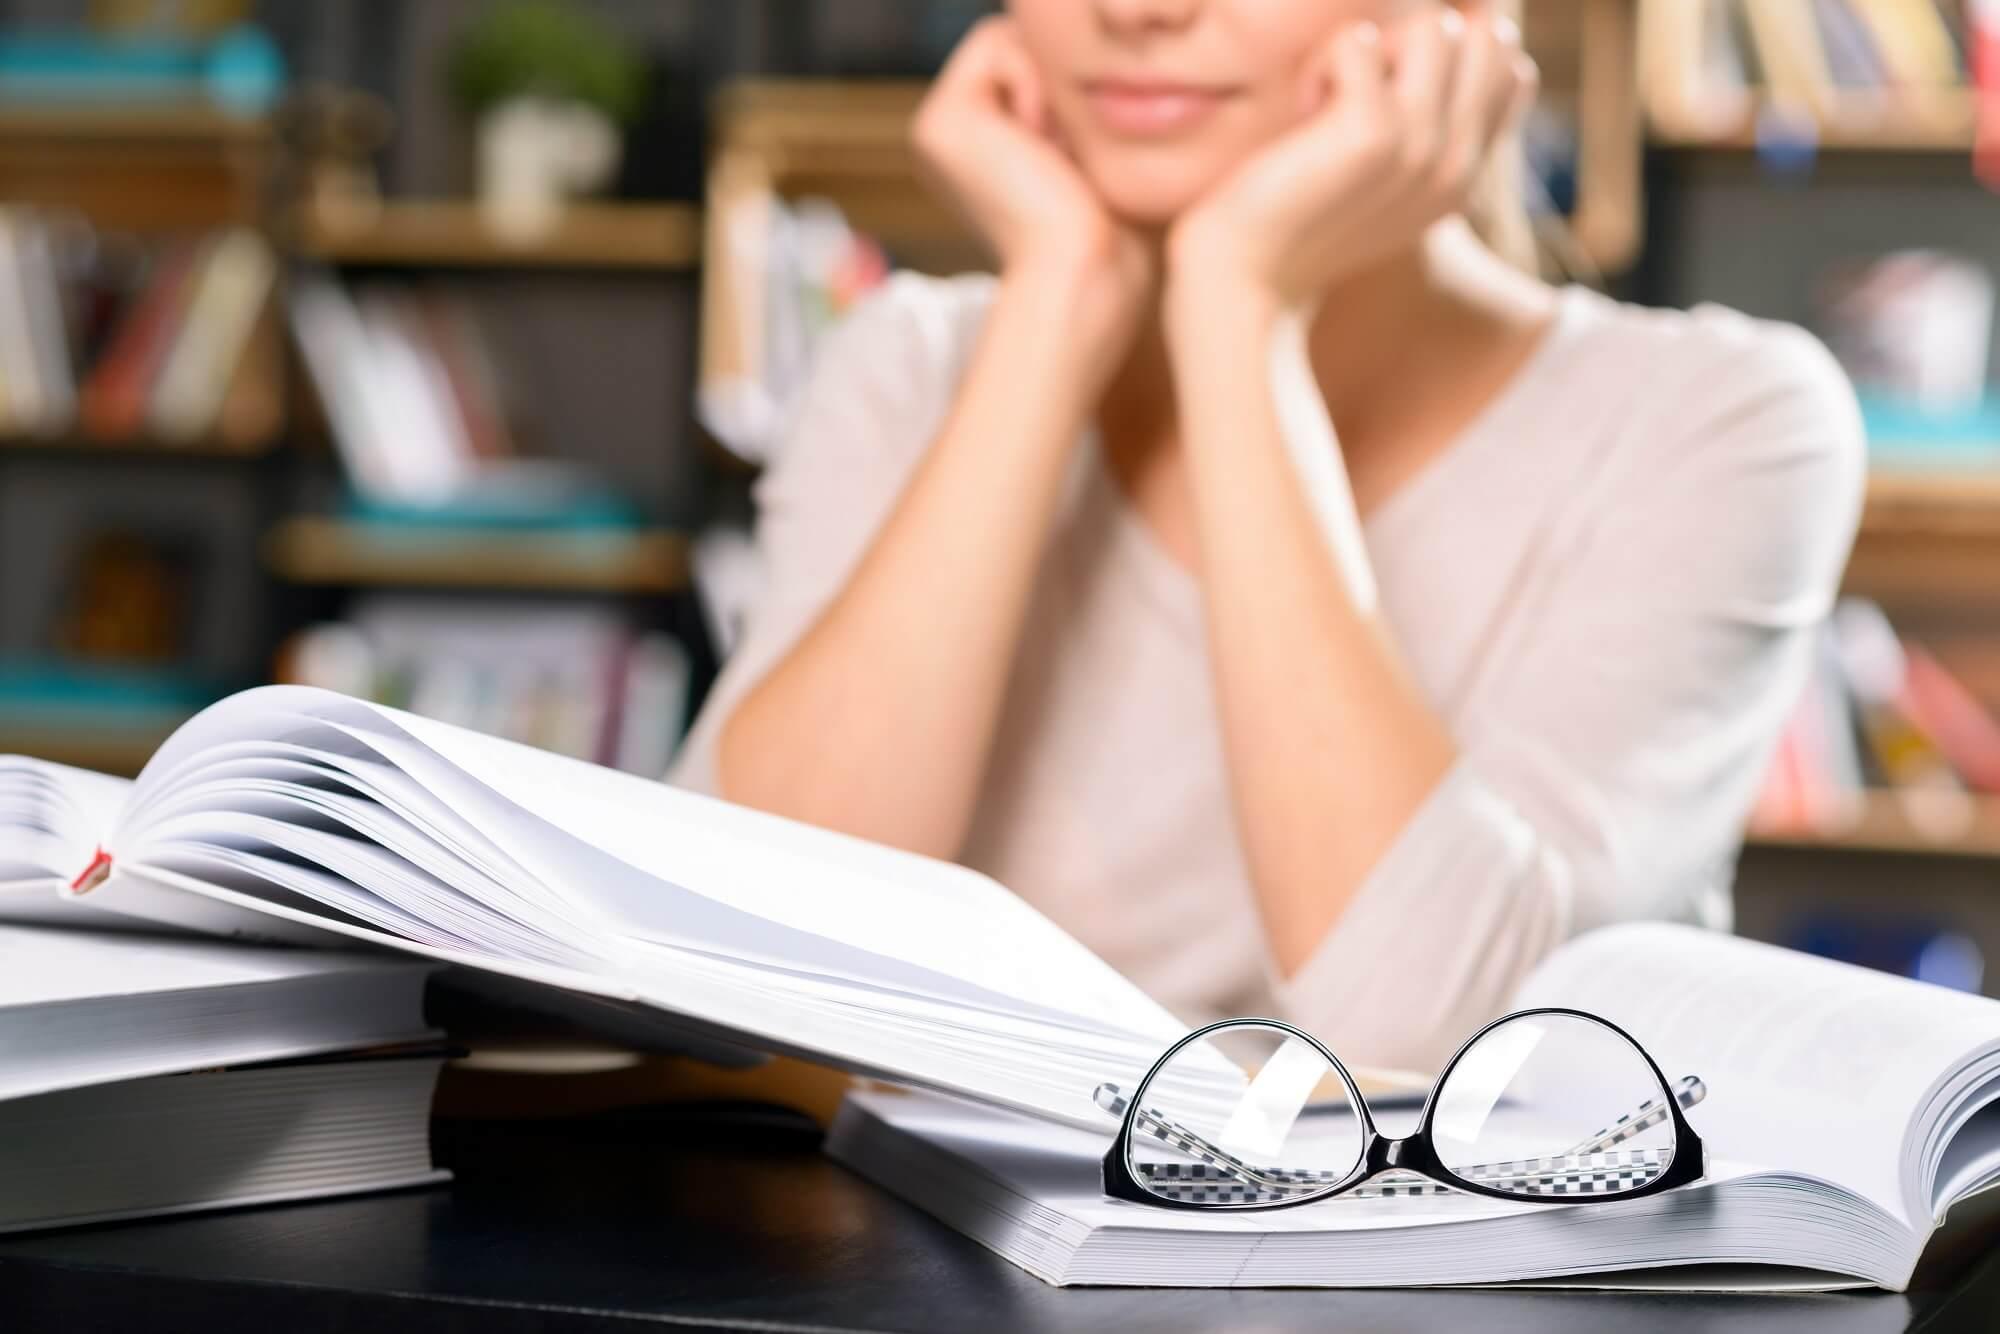 Studieren nach der Ausbildung? Erklimme die Karriereleiter!